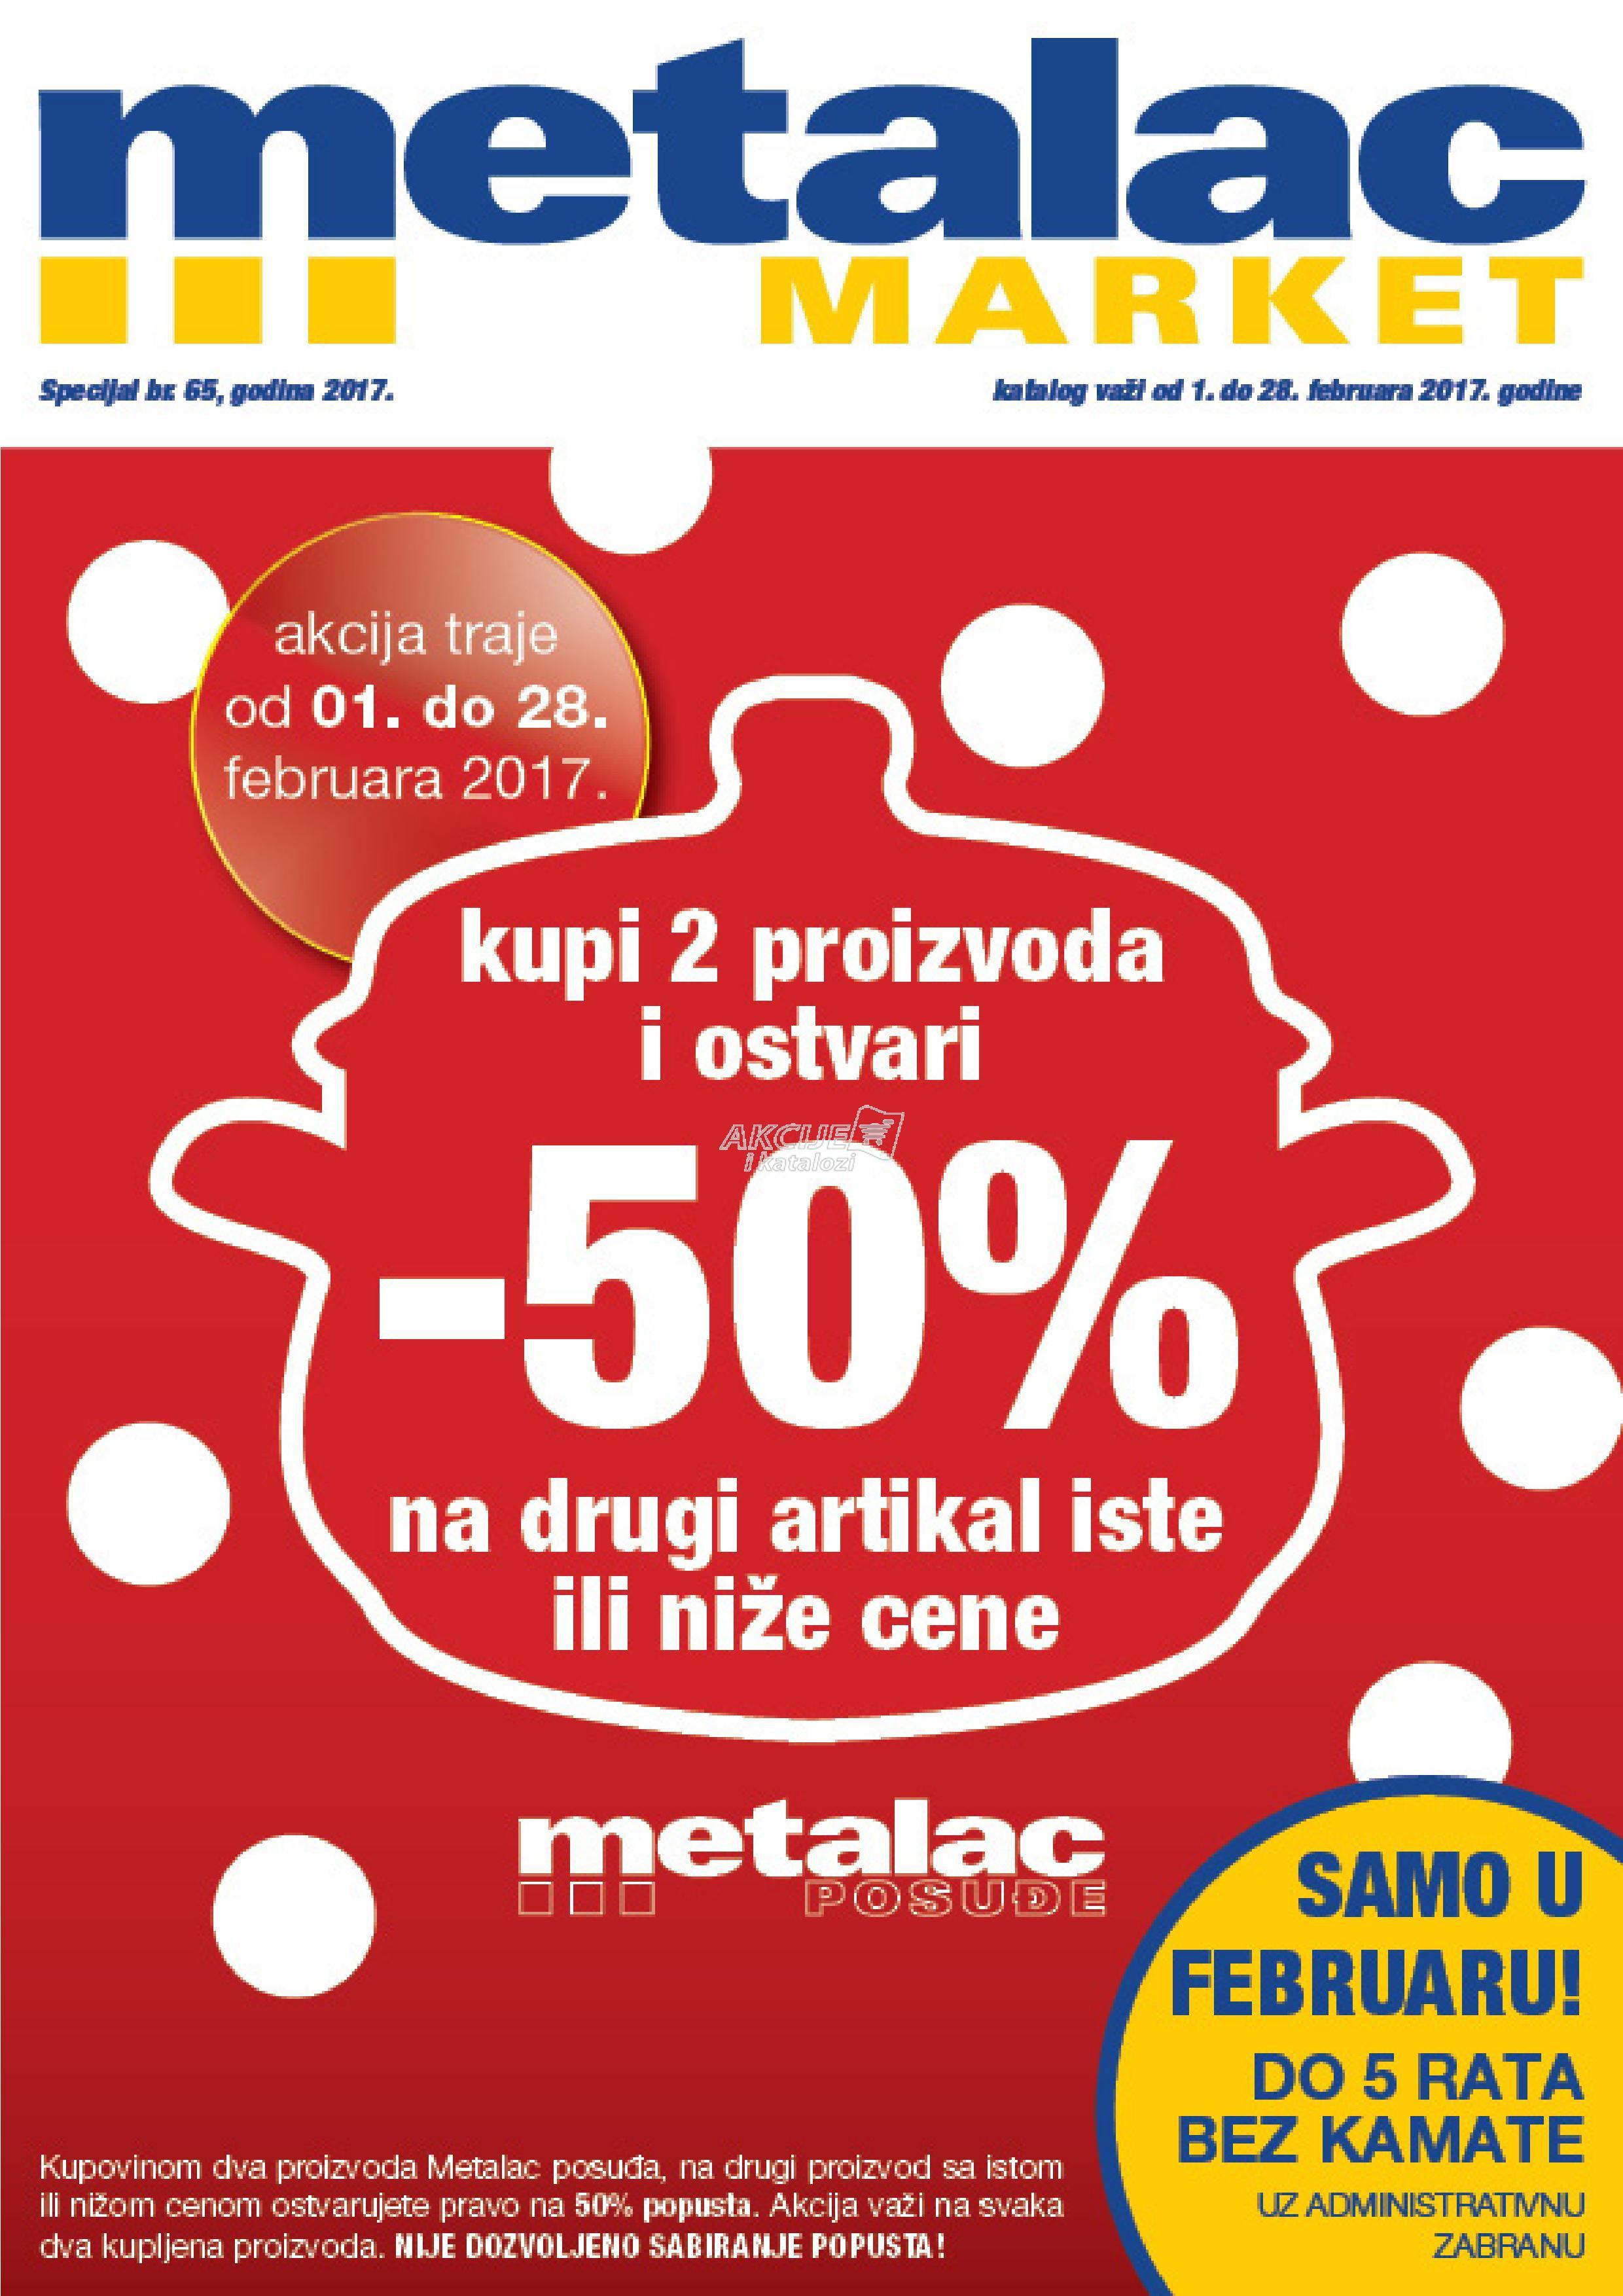 Metalac - Redovna akcija odlične kupovine